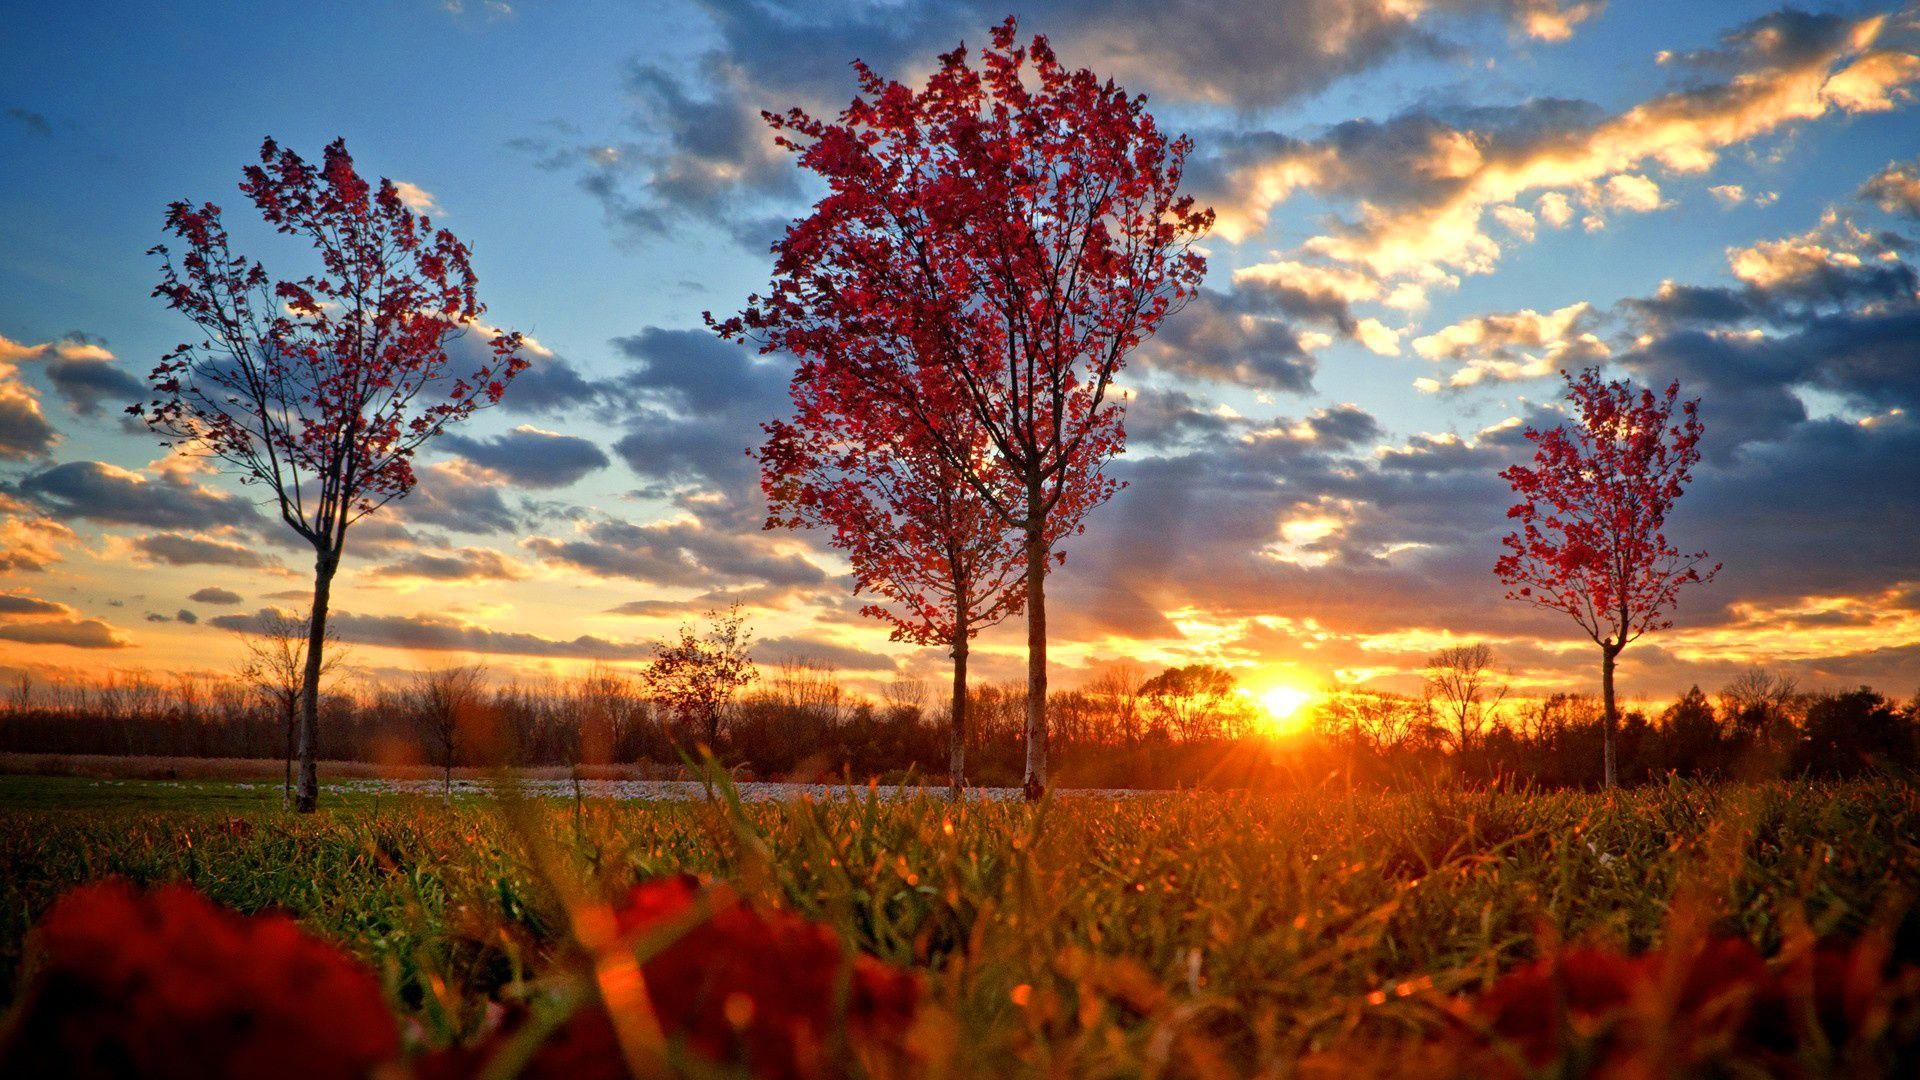 1920x1080 Red Autumn Sunset Wallpaper Sunset Wallpaper Autumn Wallpaper Hd Autumn Trees